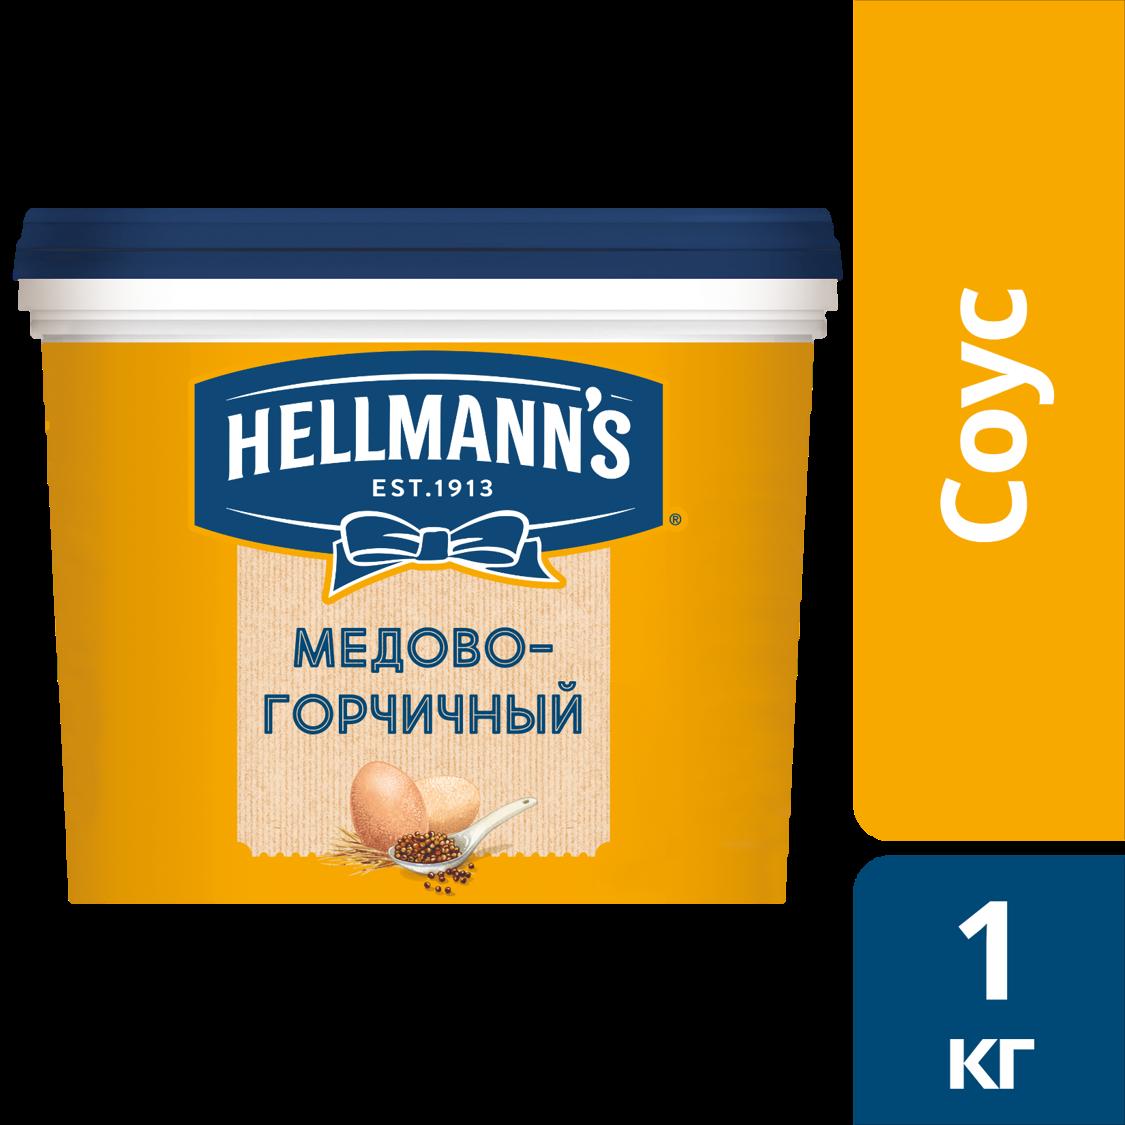 Hellmann's Соус Медово-горчичный, 1 кг